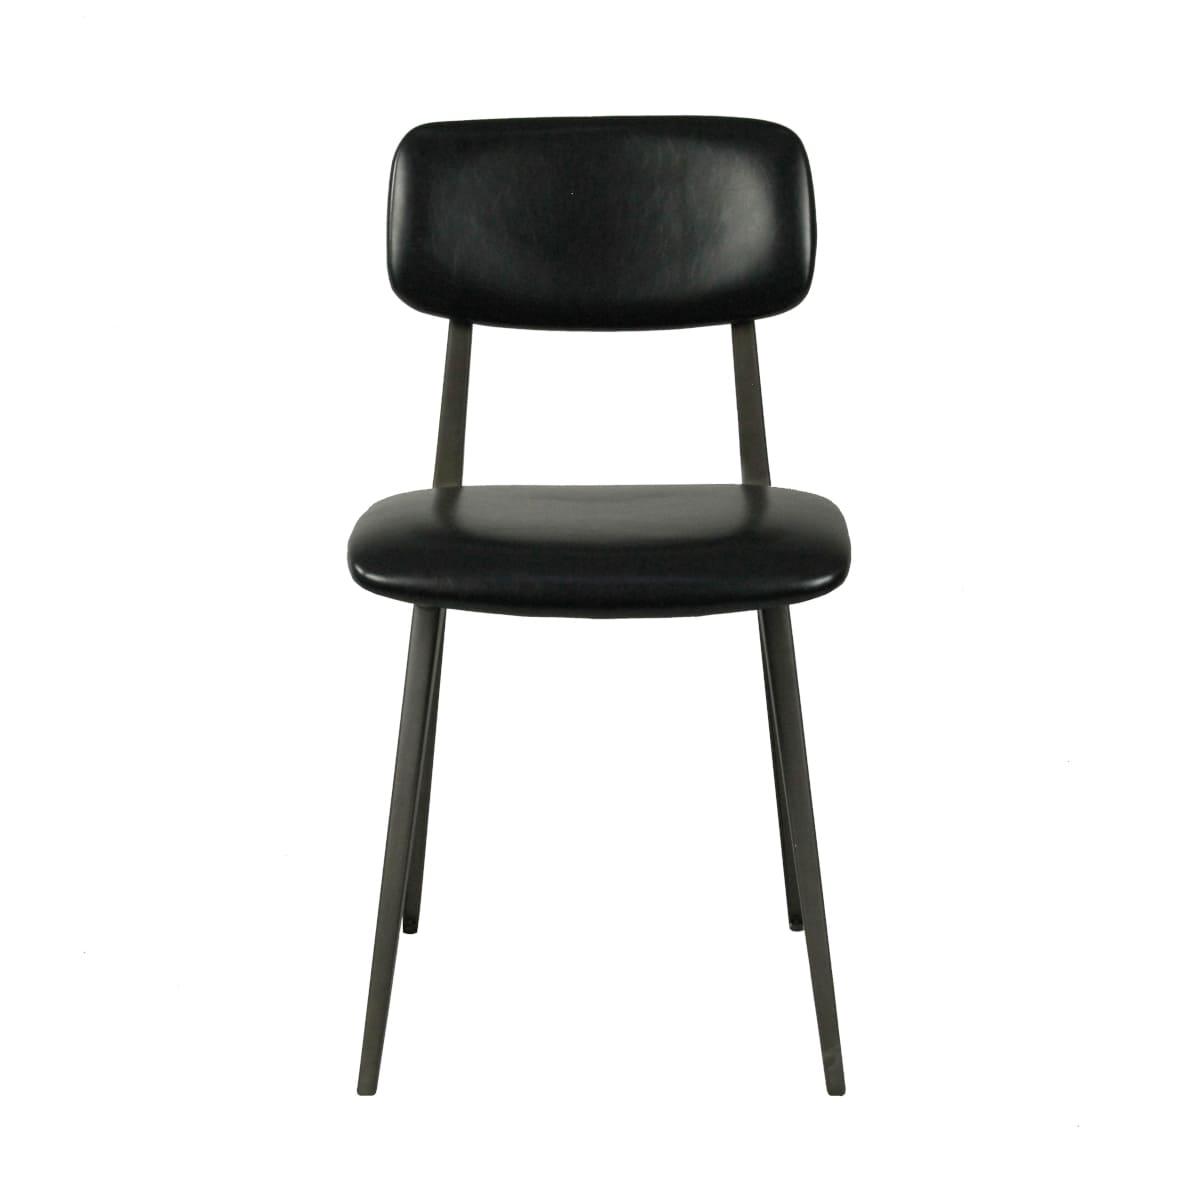 Design Stuhl 50er Jahre Design schwarz